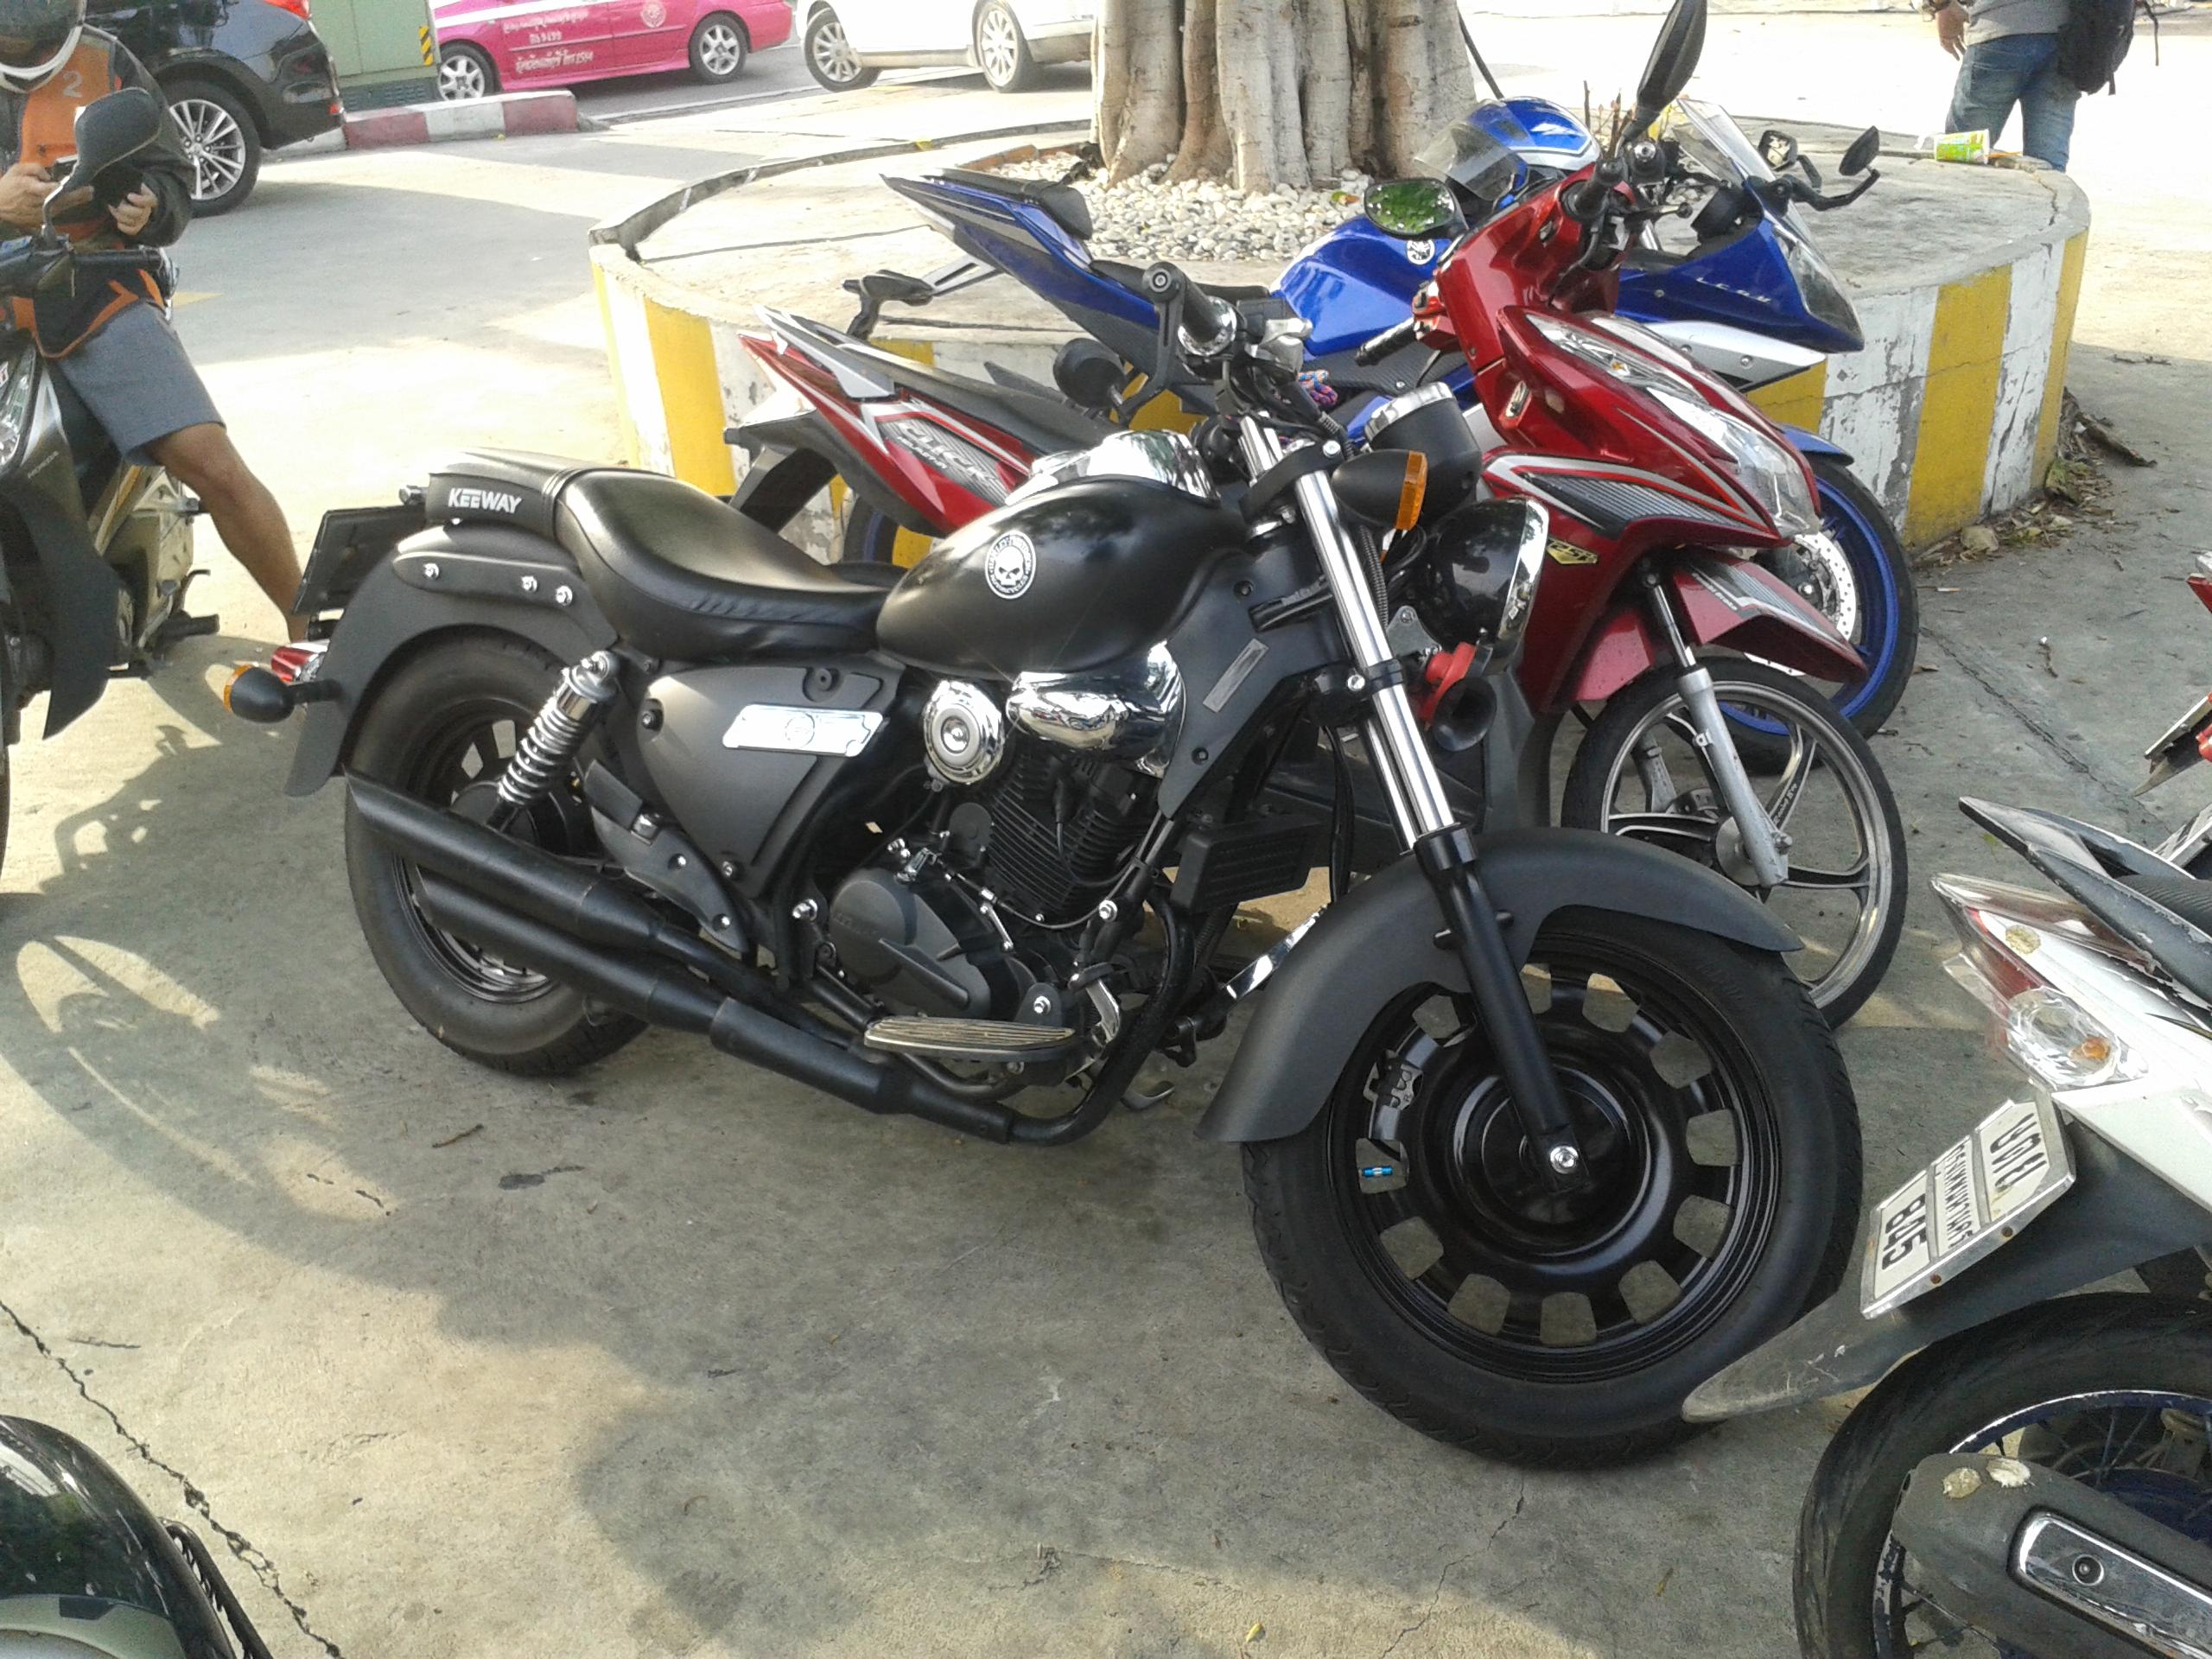 File:Keeway Superlight 200 Cruiser Motorcycles in Bangkok